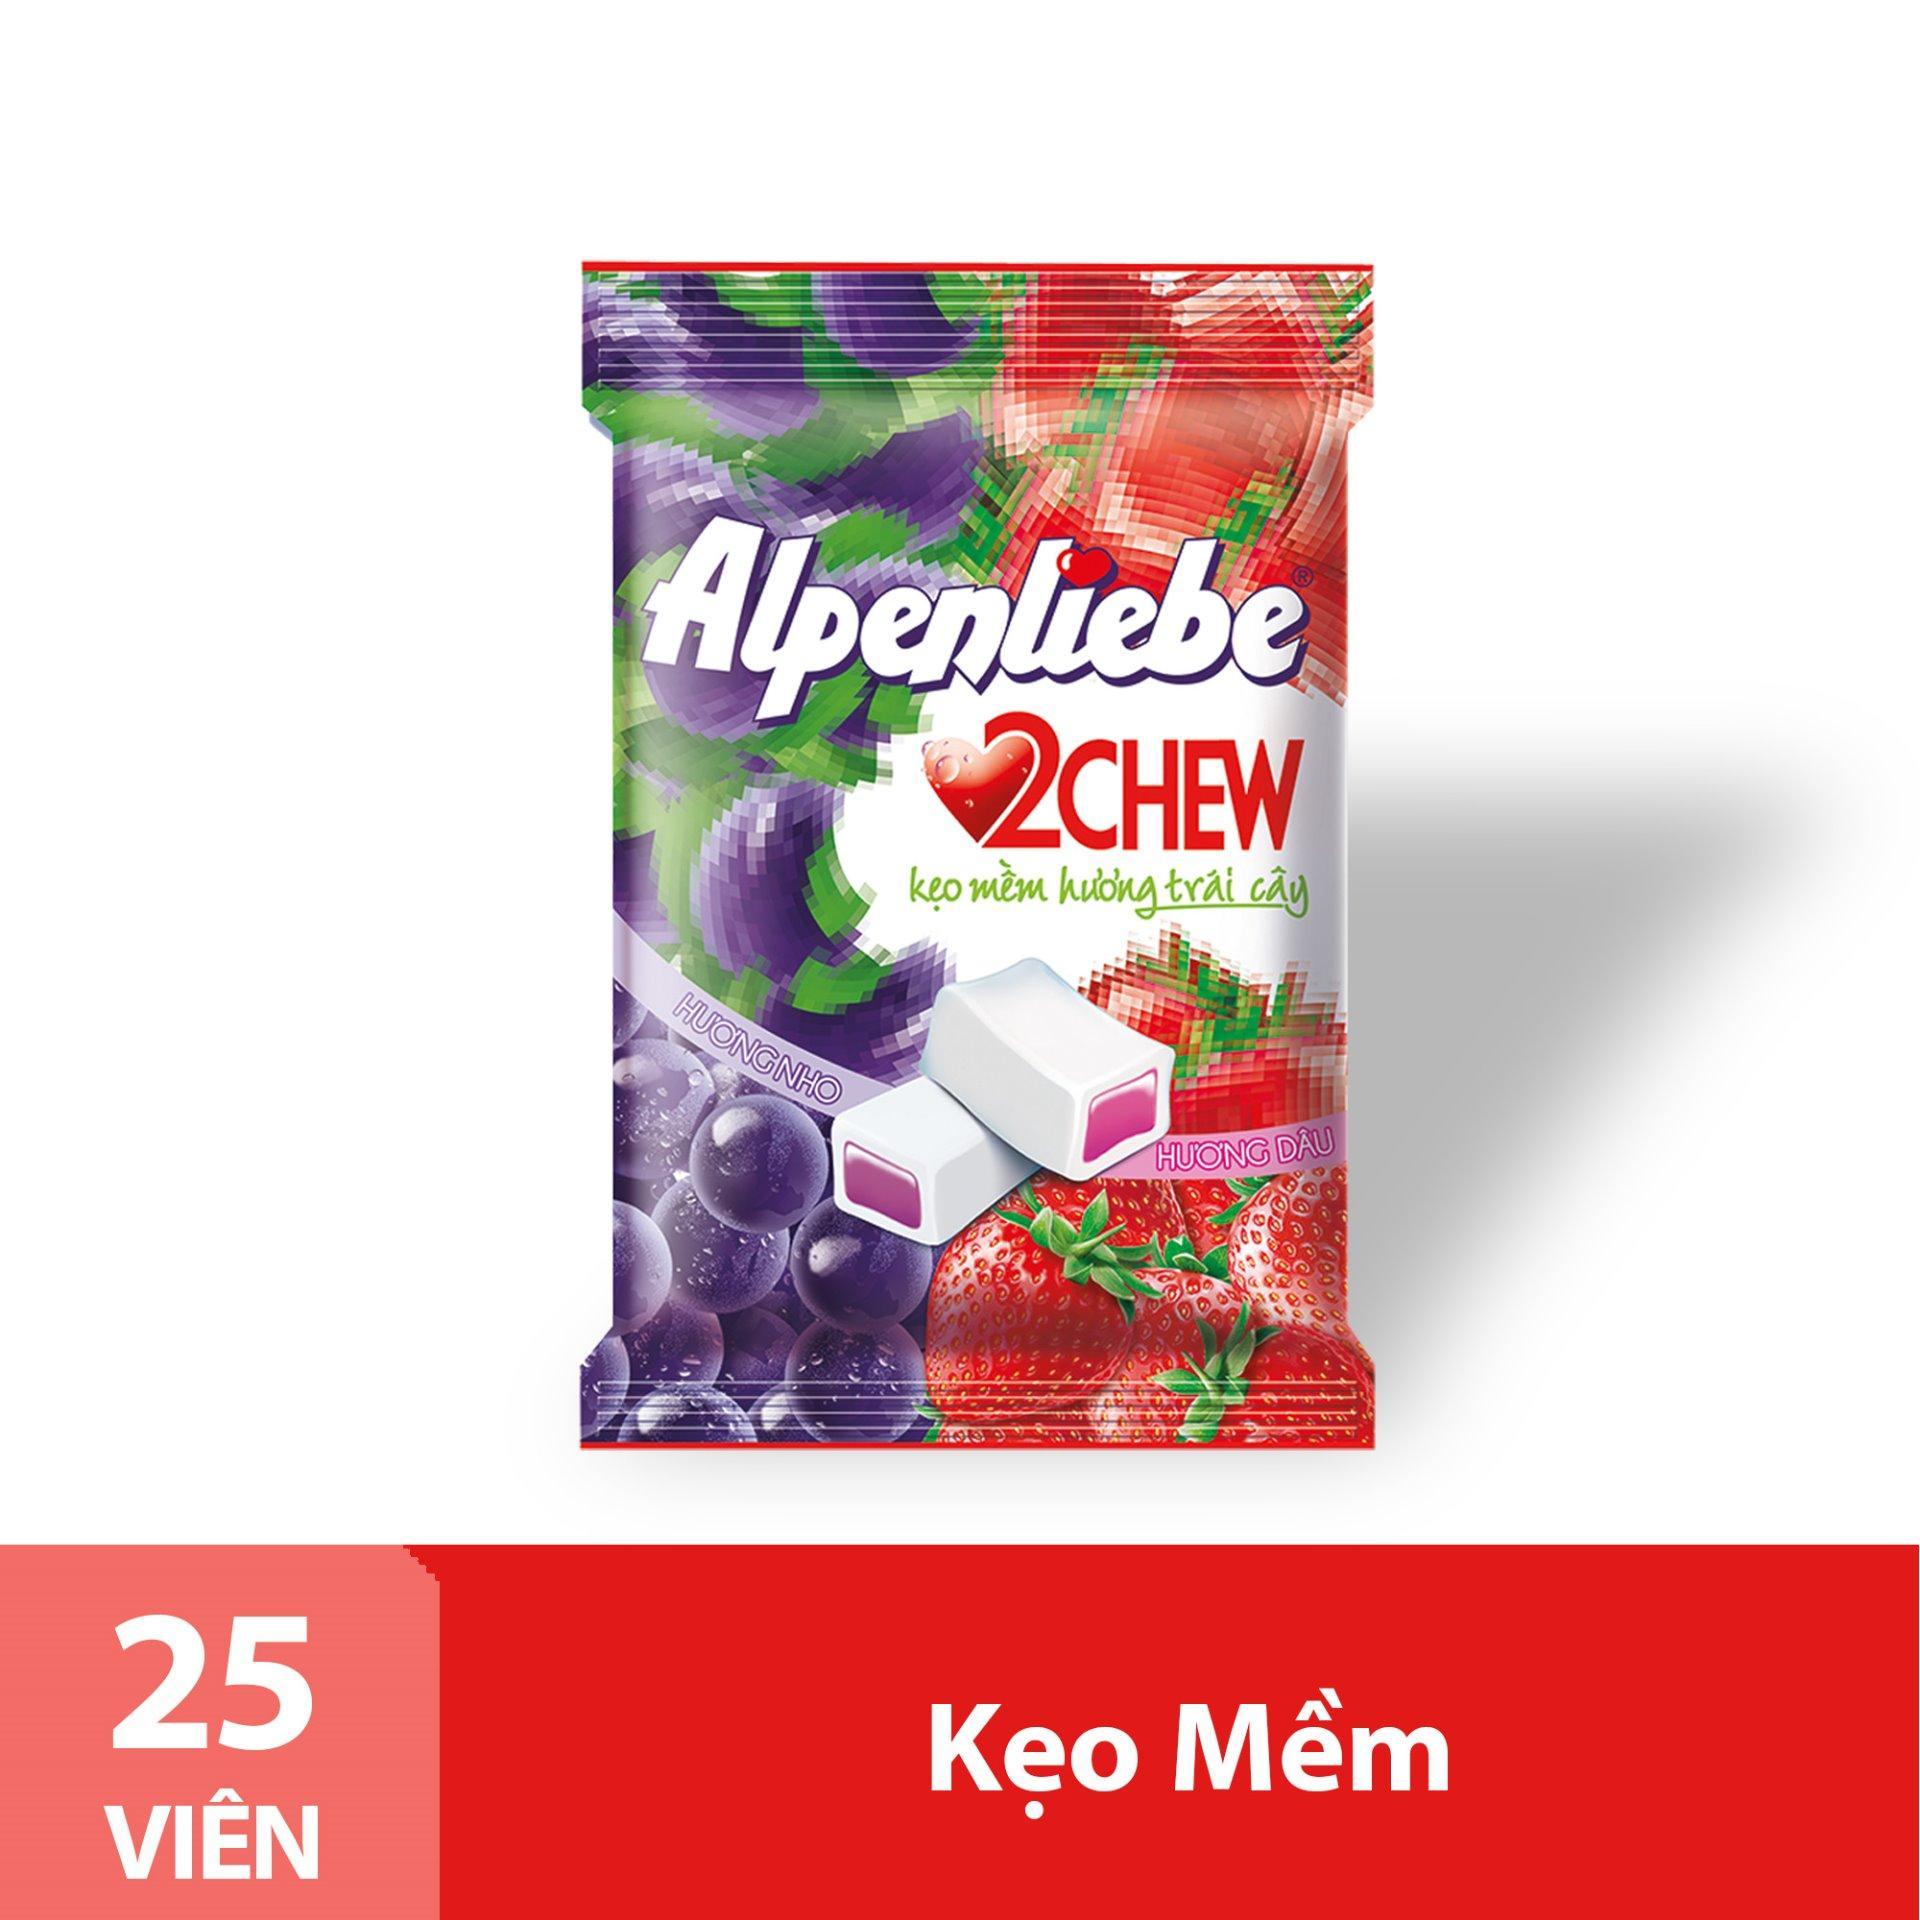 Kẹo Mềm Alpenliebe 2Chew Hương Hỗn Hợp Dâu & Nho Gói 25 Viên Nhật Bản